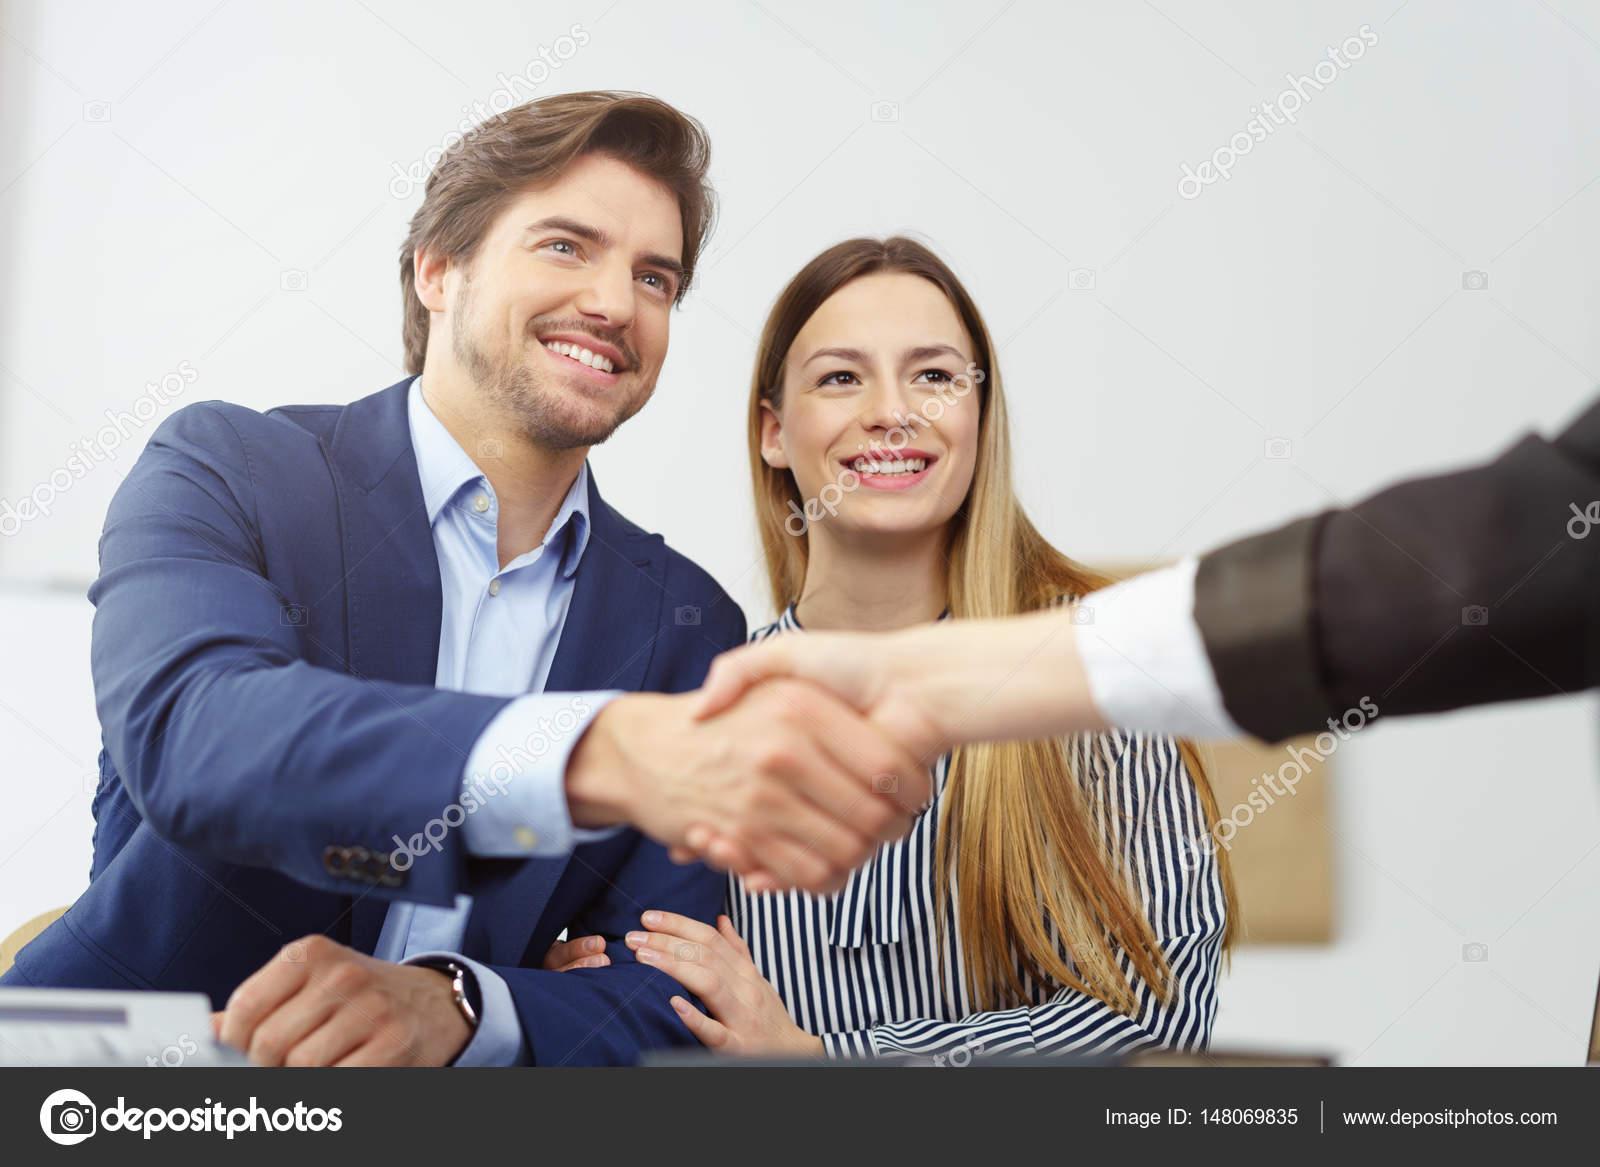 rencontre un couple marié rencontres en ligne Bournemouth